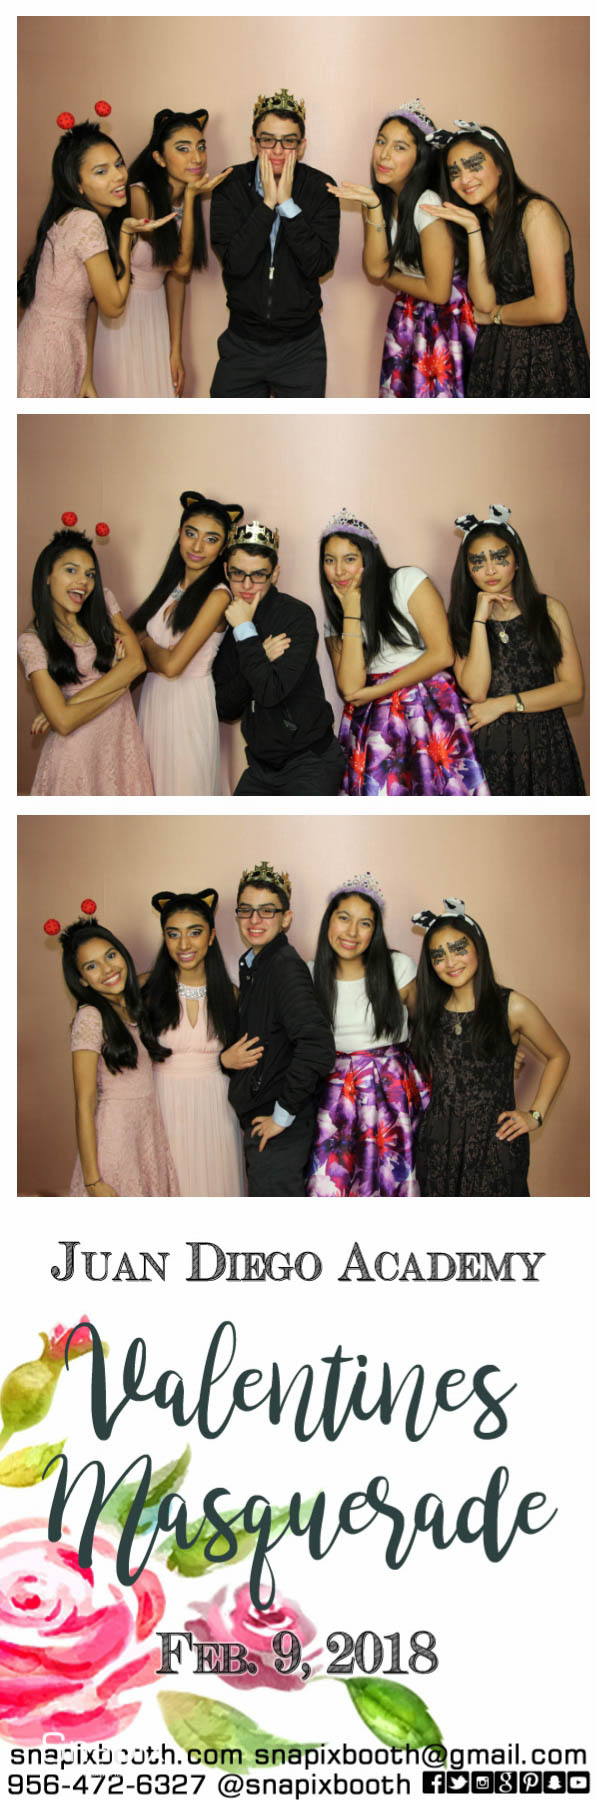 Juan Diego Academy Valentines